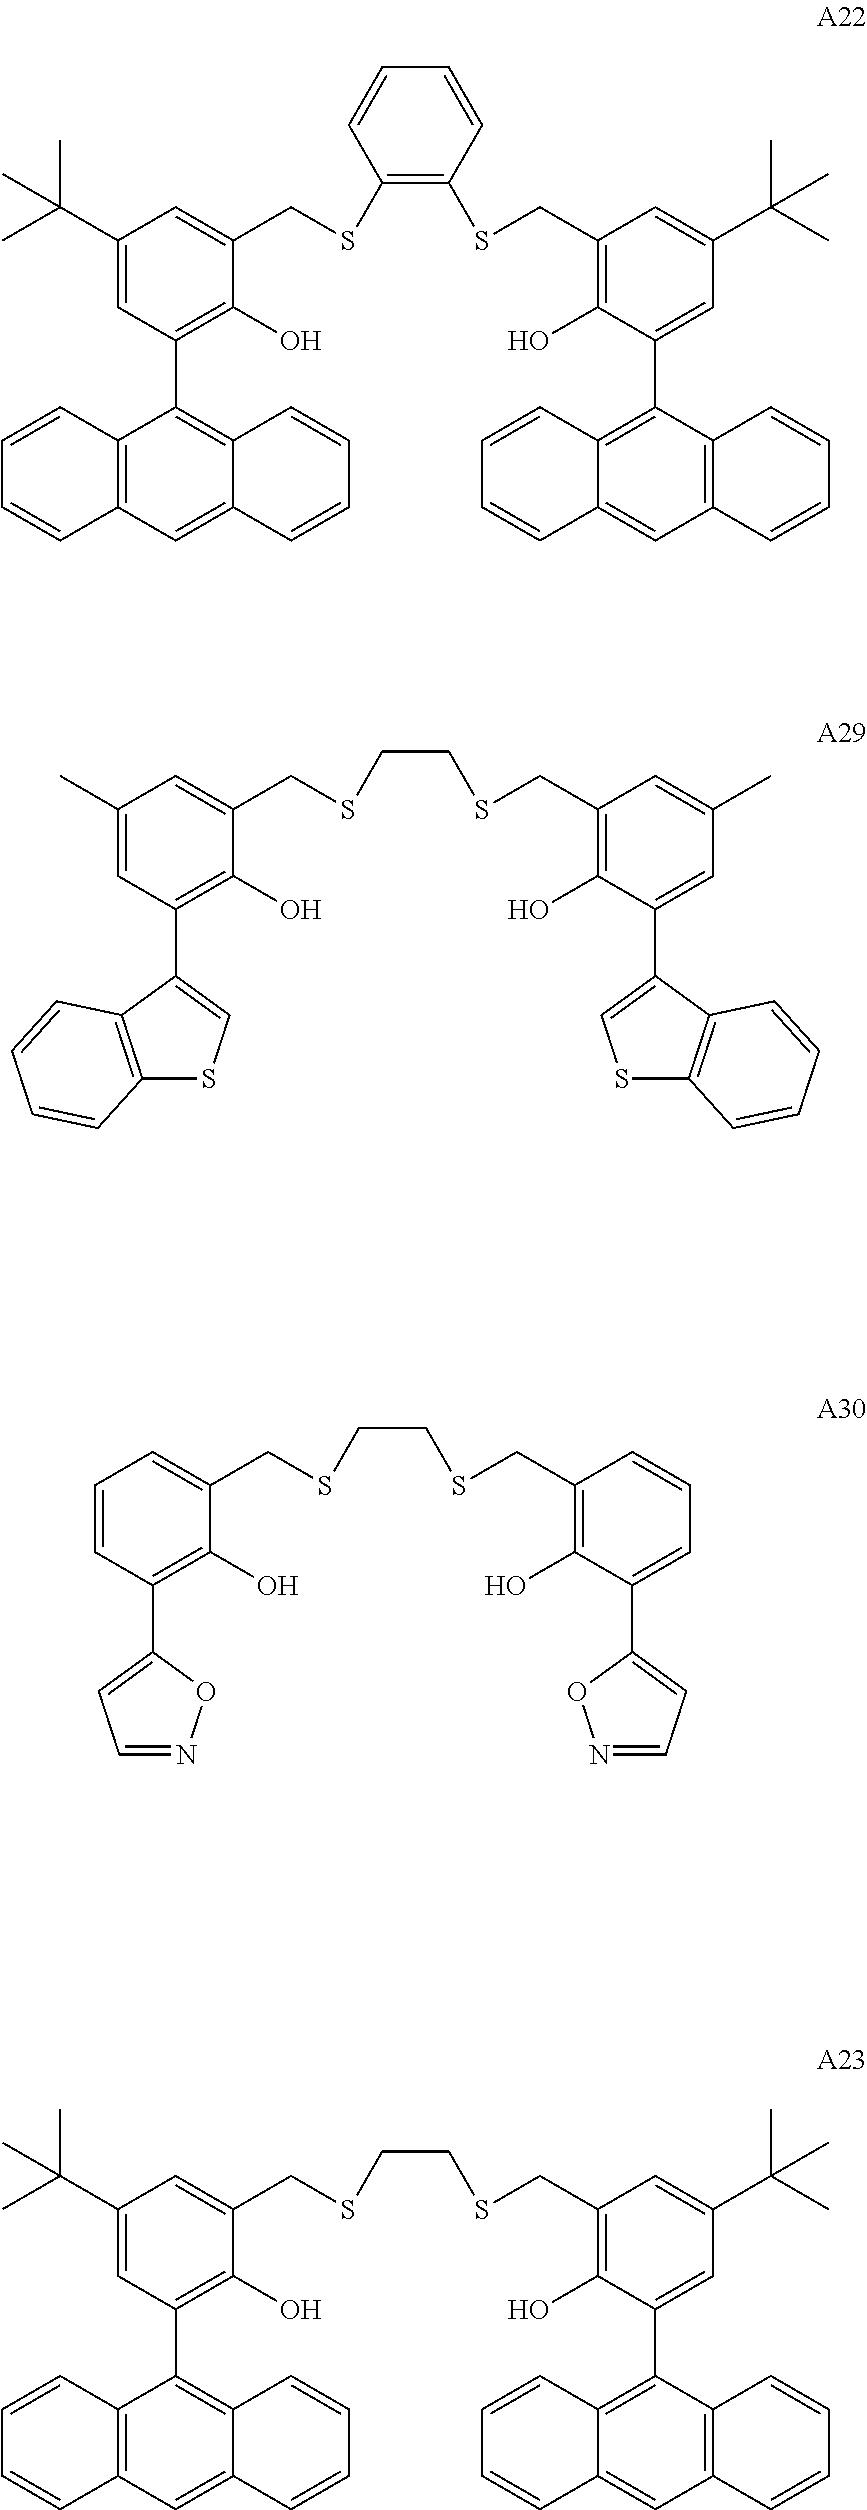 Figure US20120029159A1-20120202-C00021